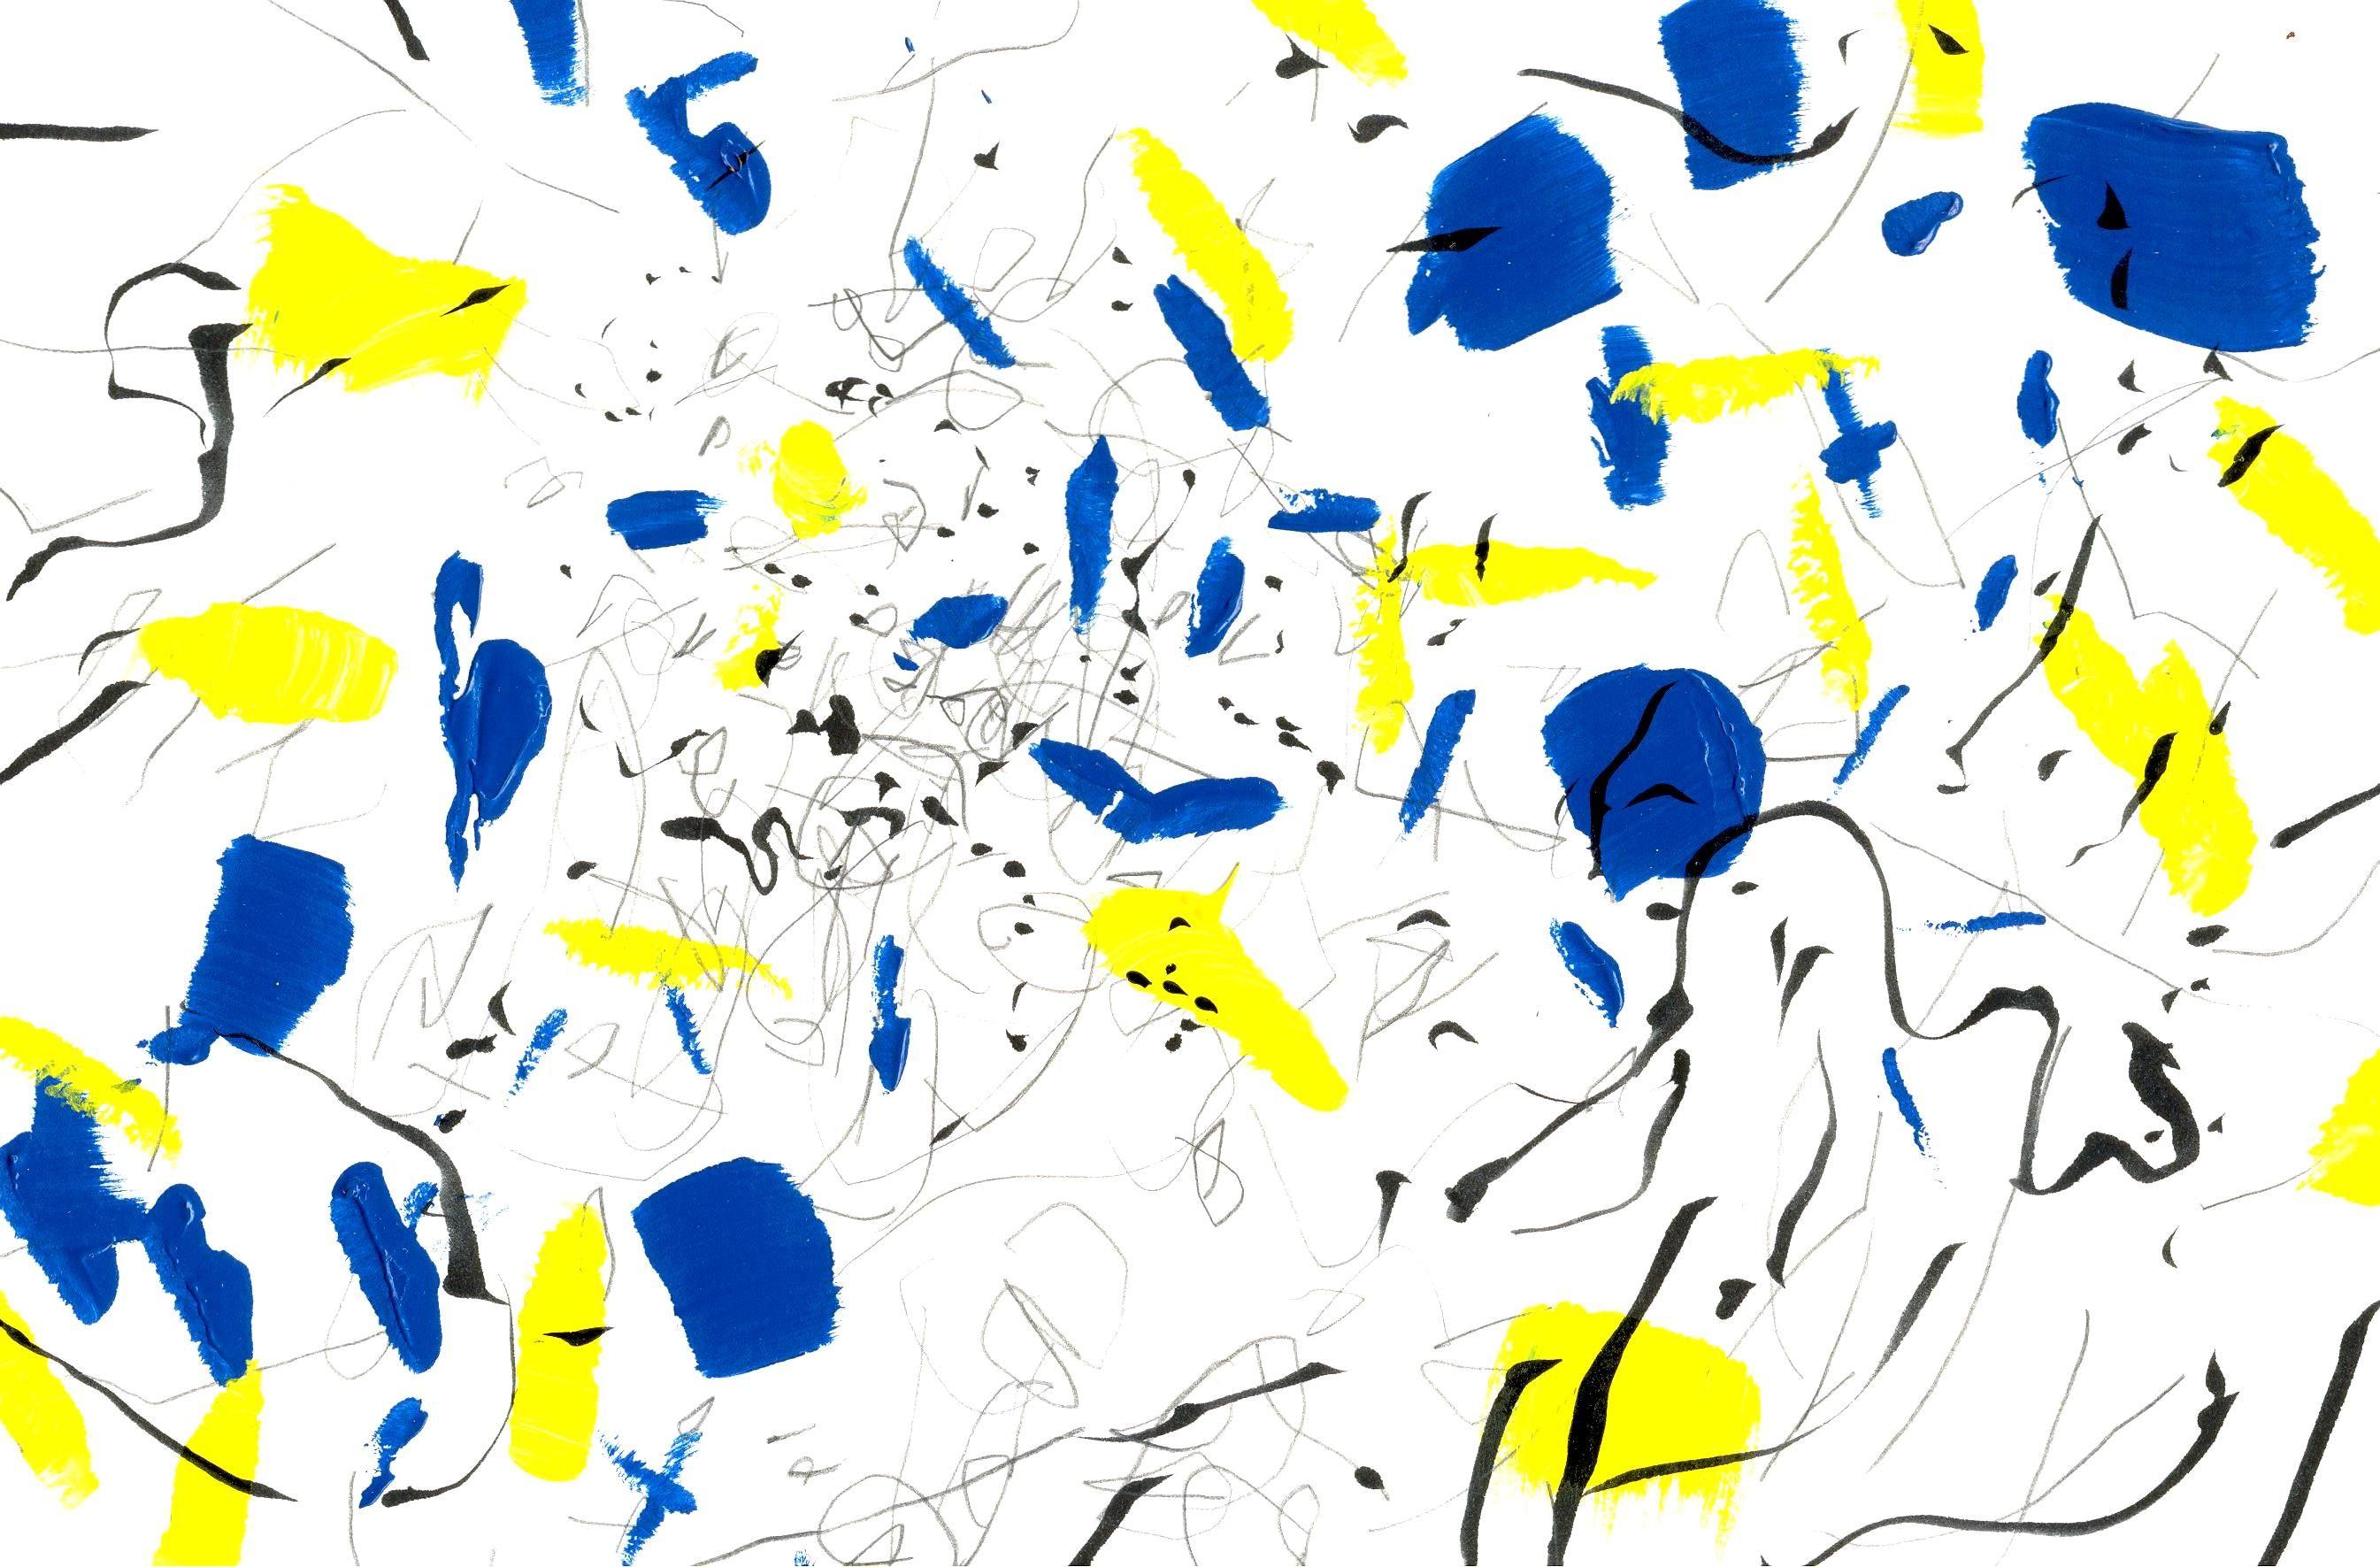 hilo negro -dibujo e ilustración-  ¿A dónde vamos cuando dibujamos?